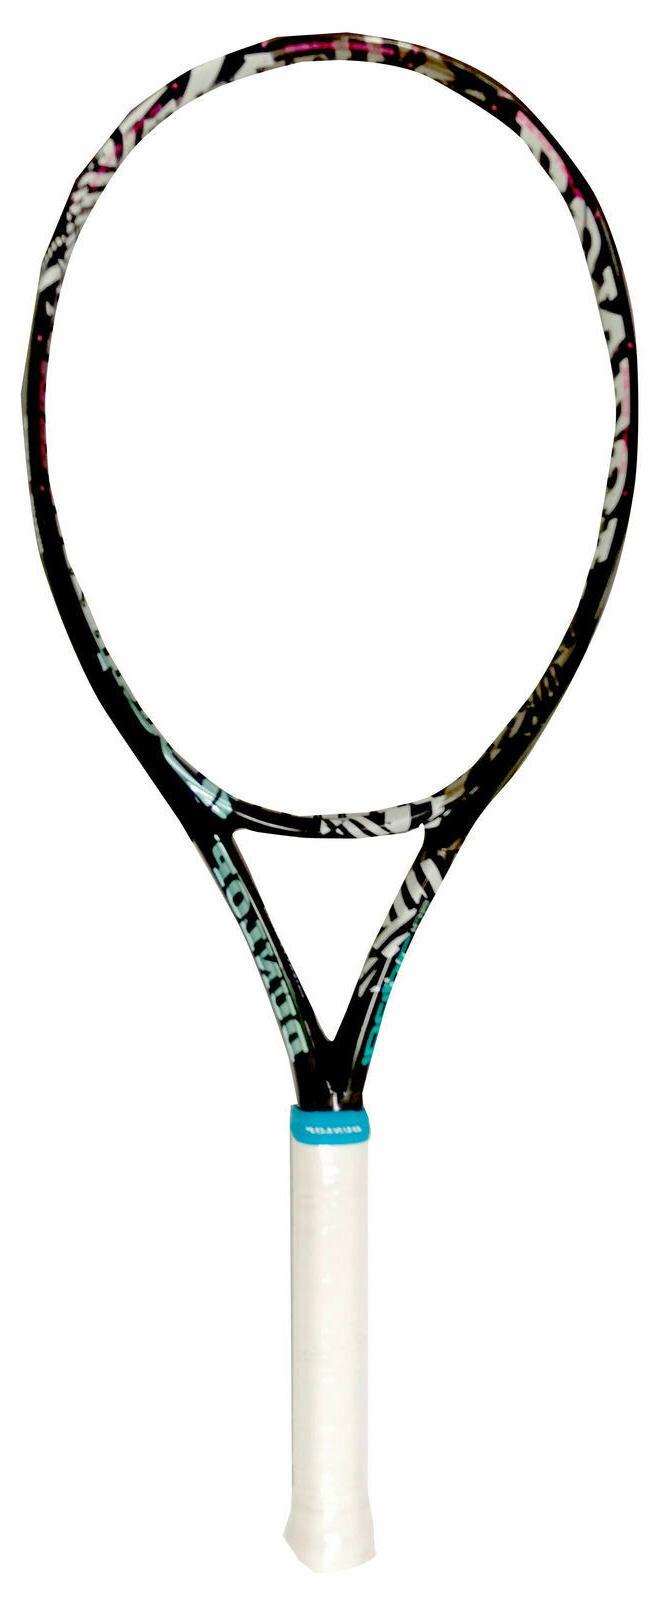 new idapt force 105 tennis racket strung